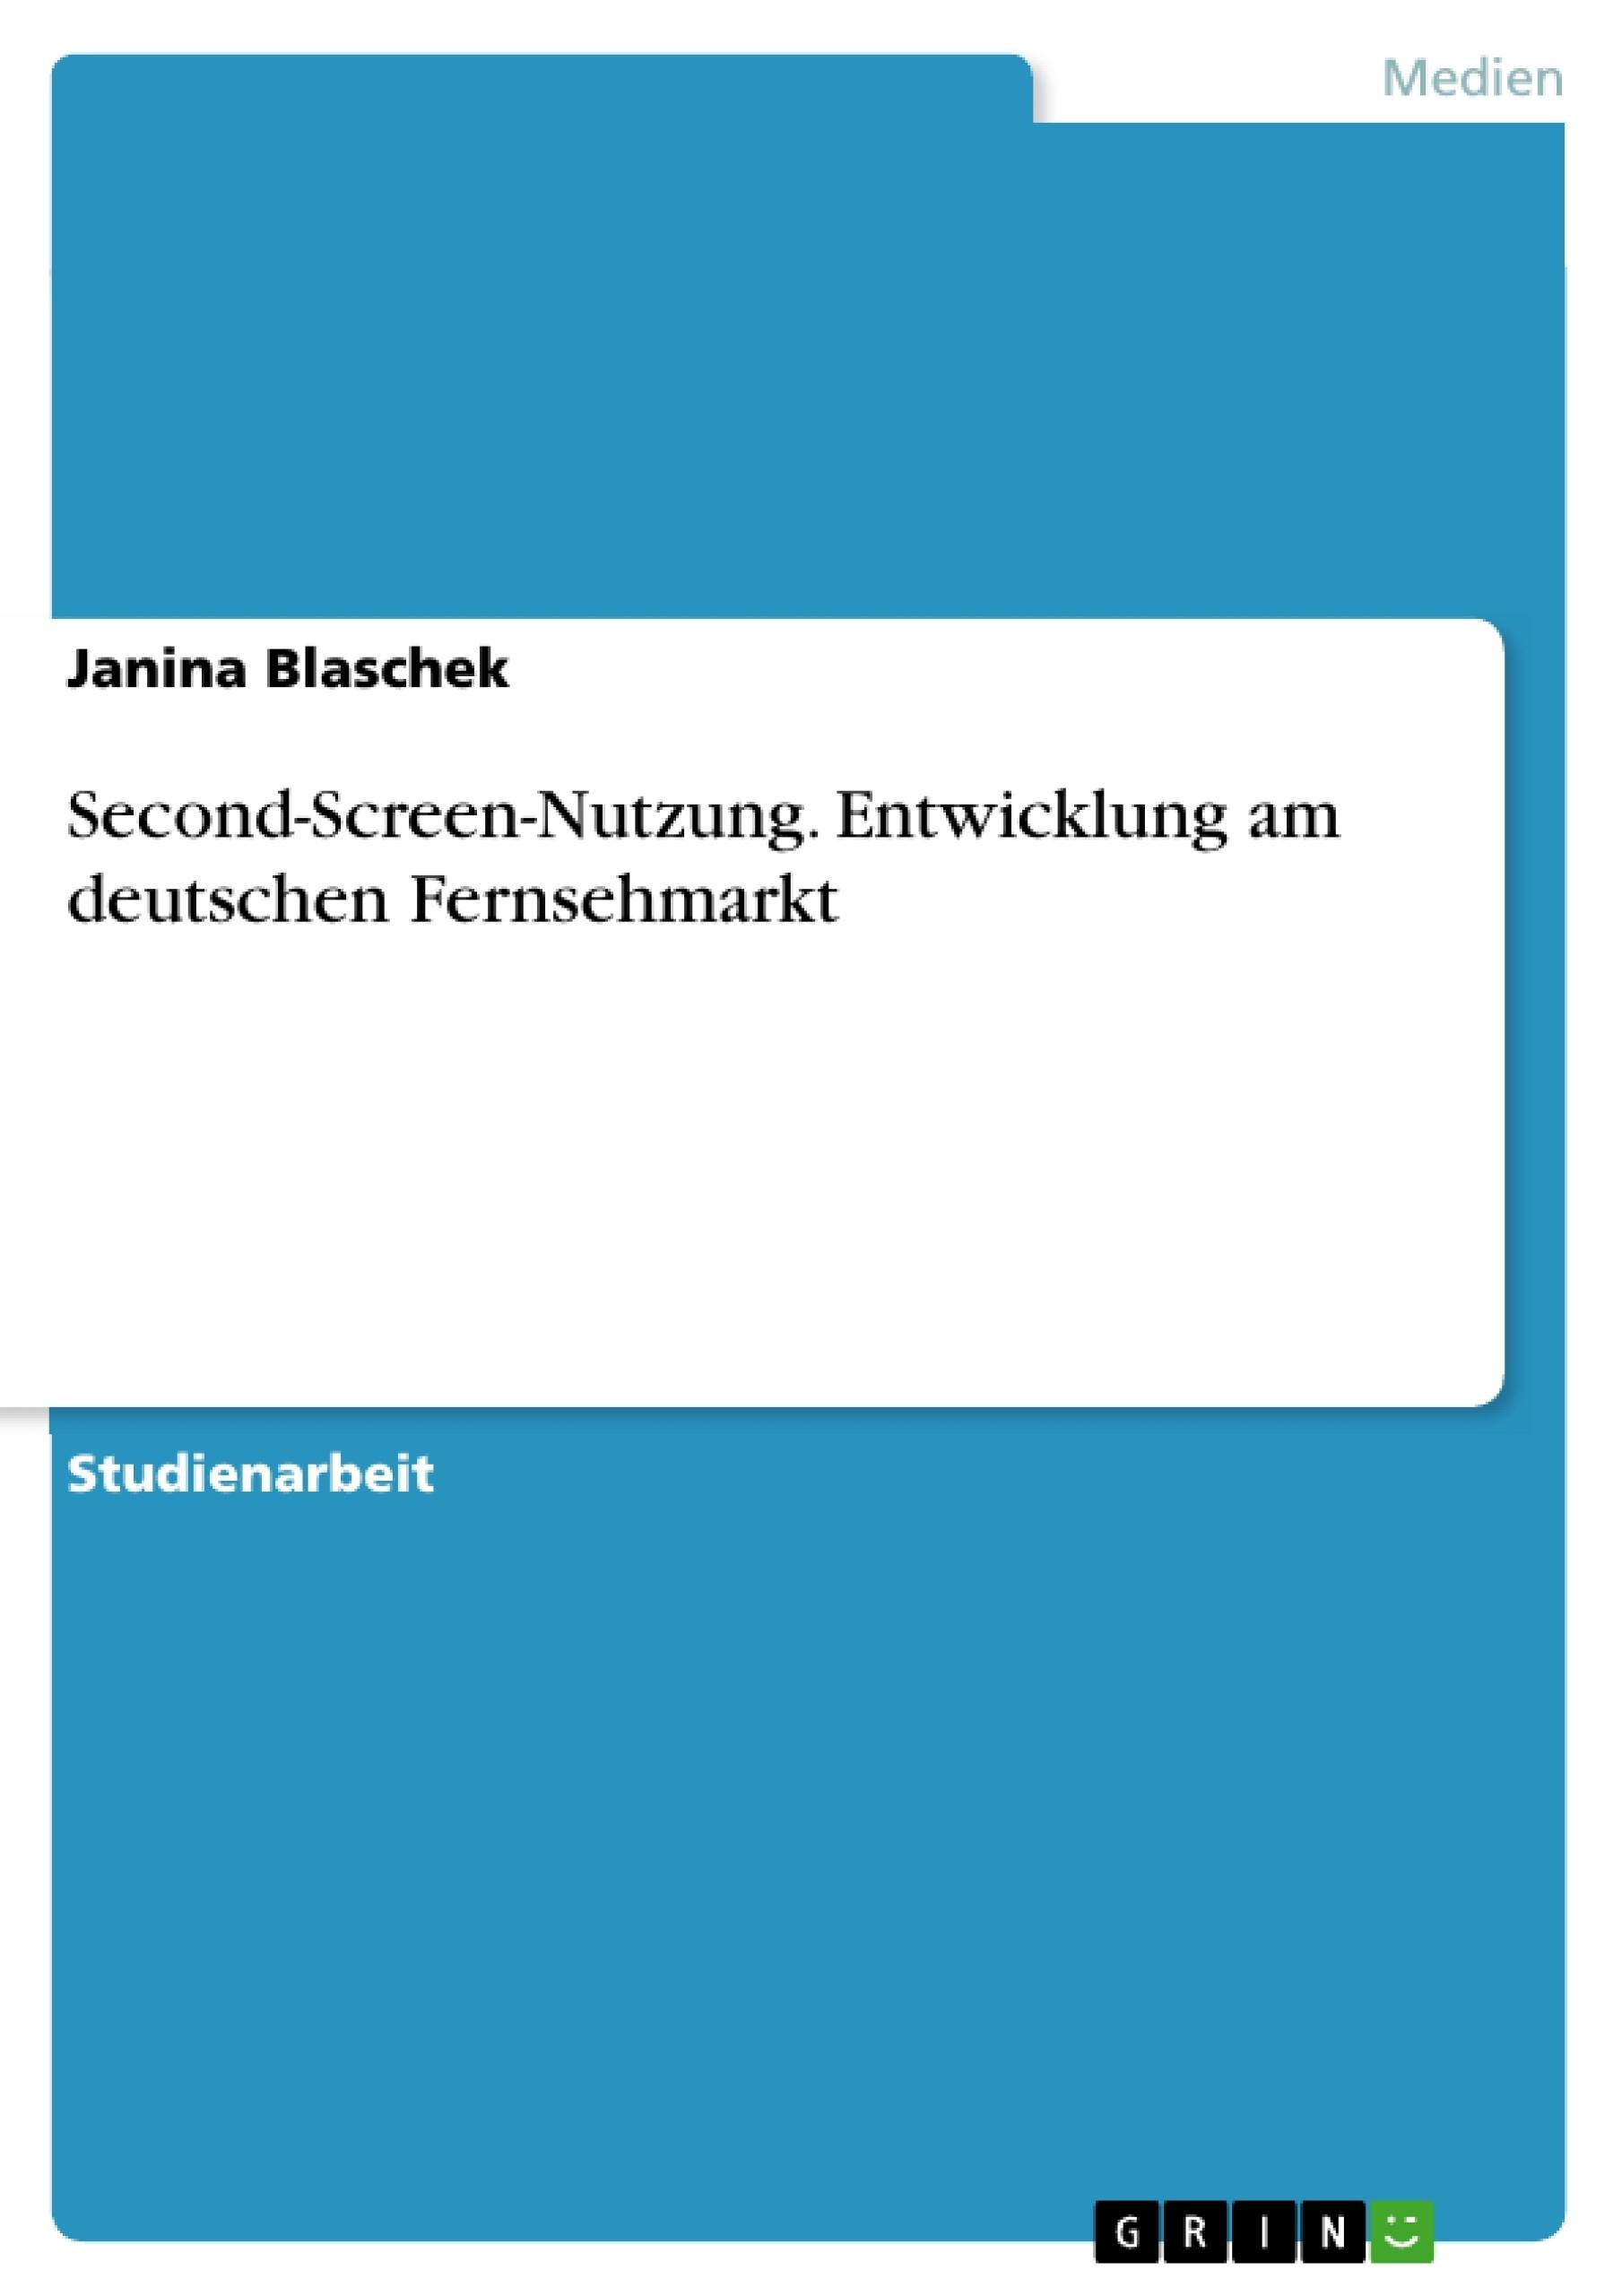 Titel: Second-Screen-Nutzung. Entwicklung am deutschen Fernsehmarkt